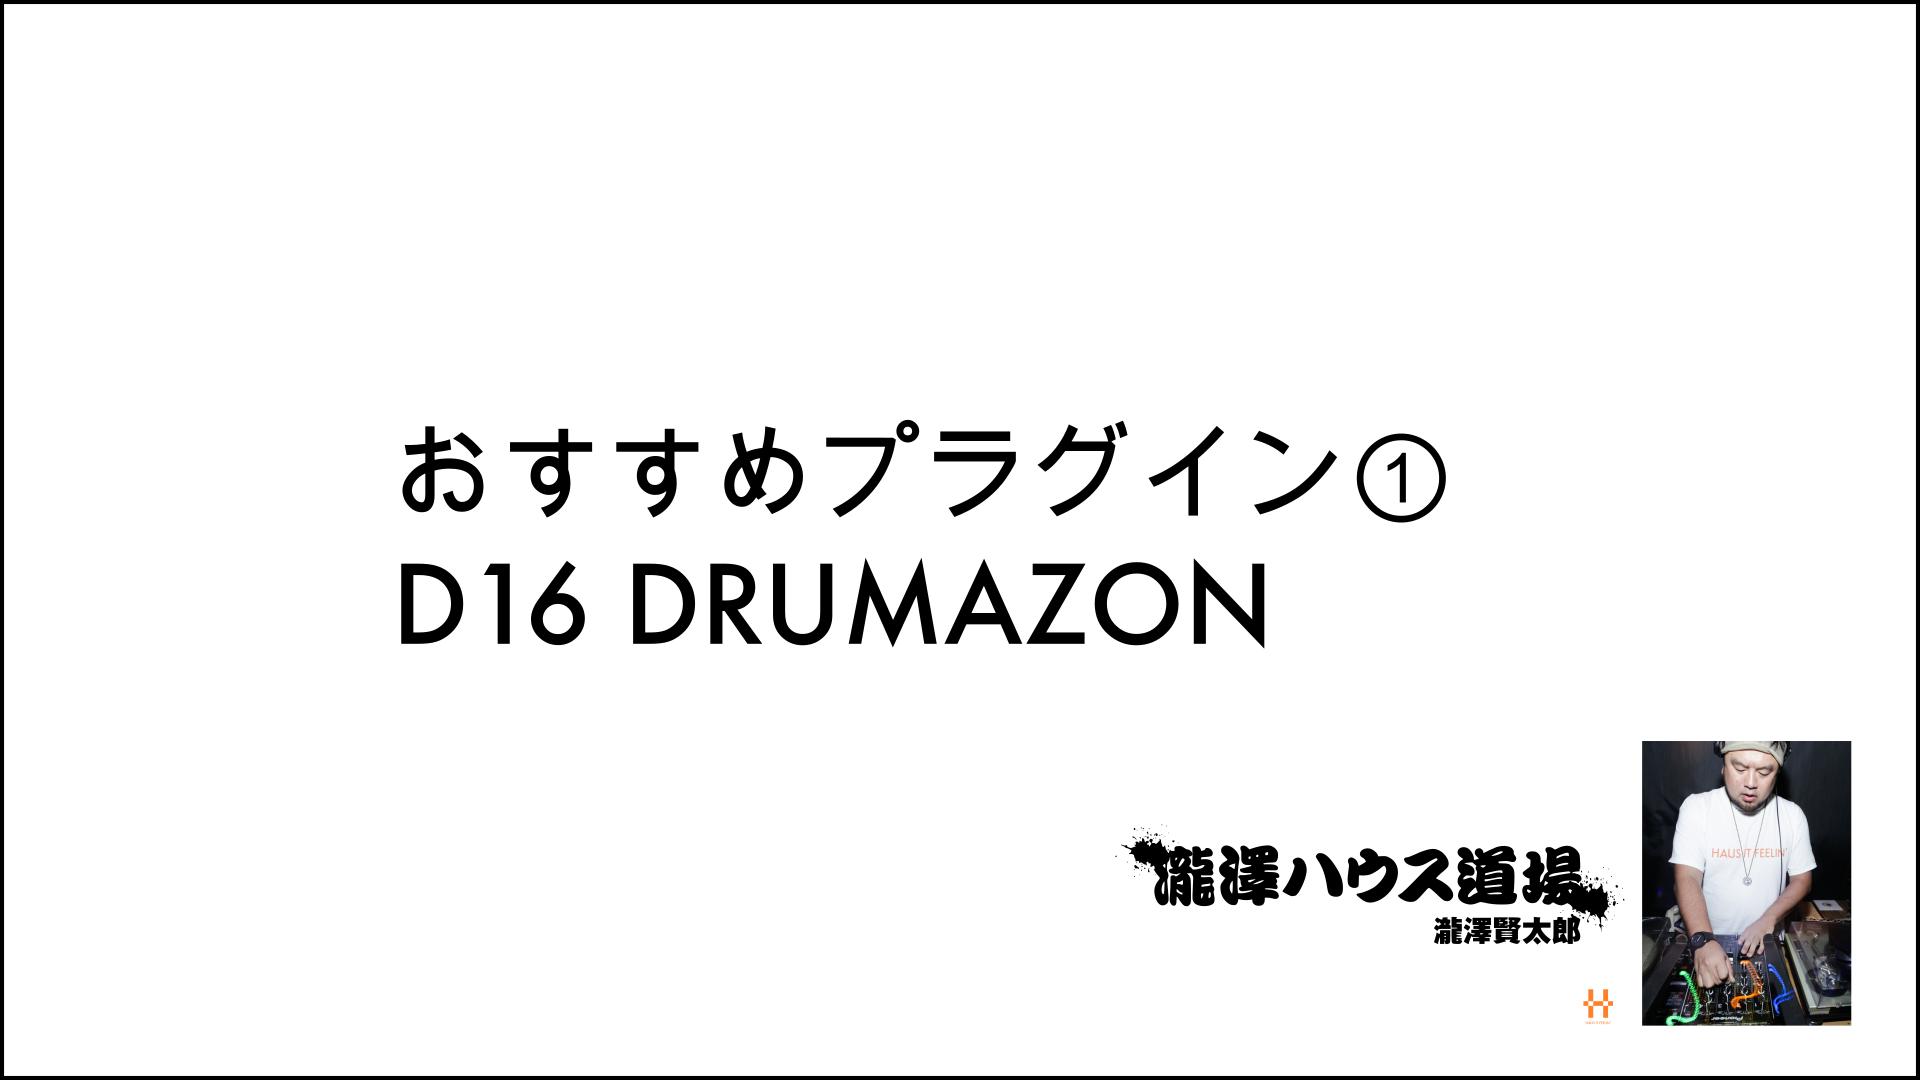 おすすめプラグイン① D16 DRUMAZON 200902